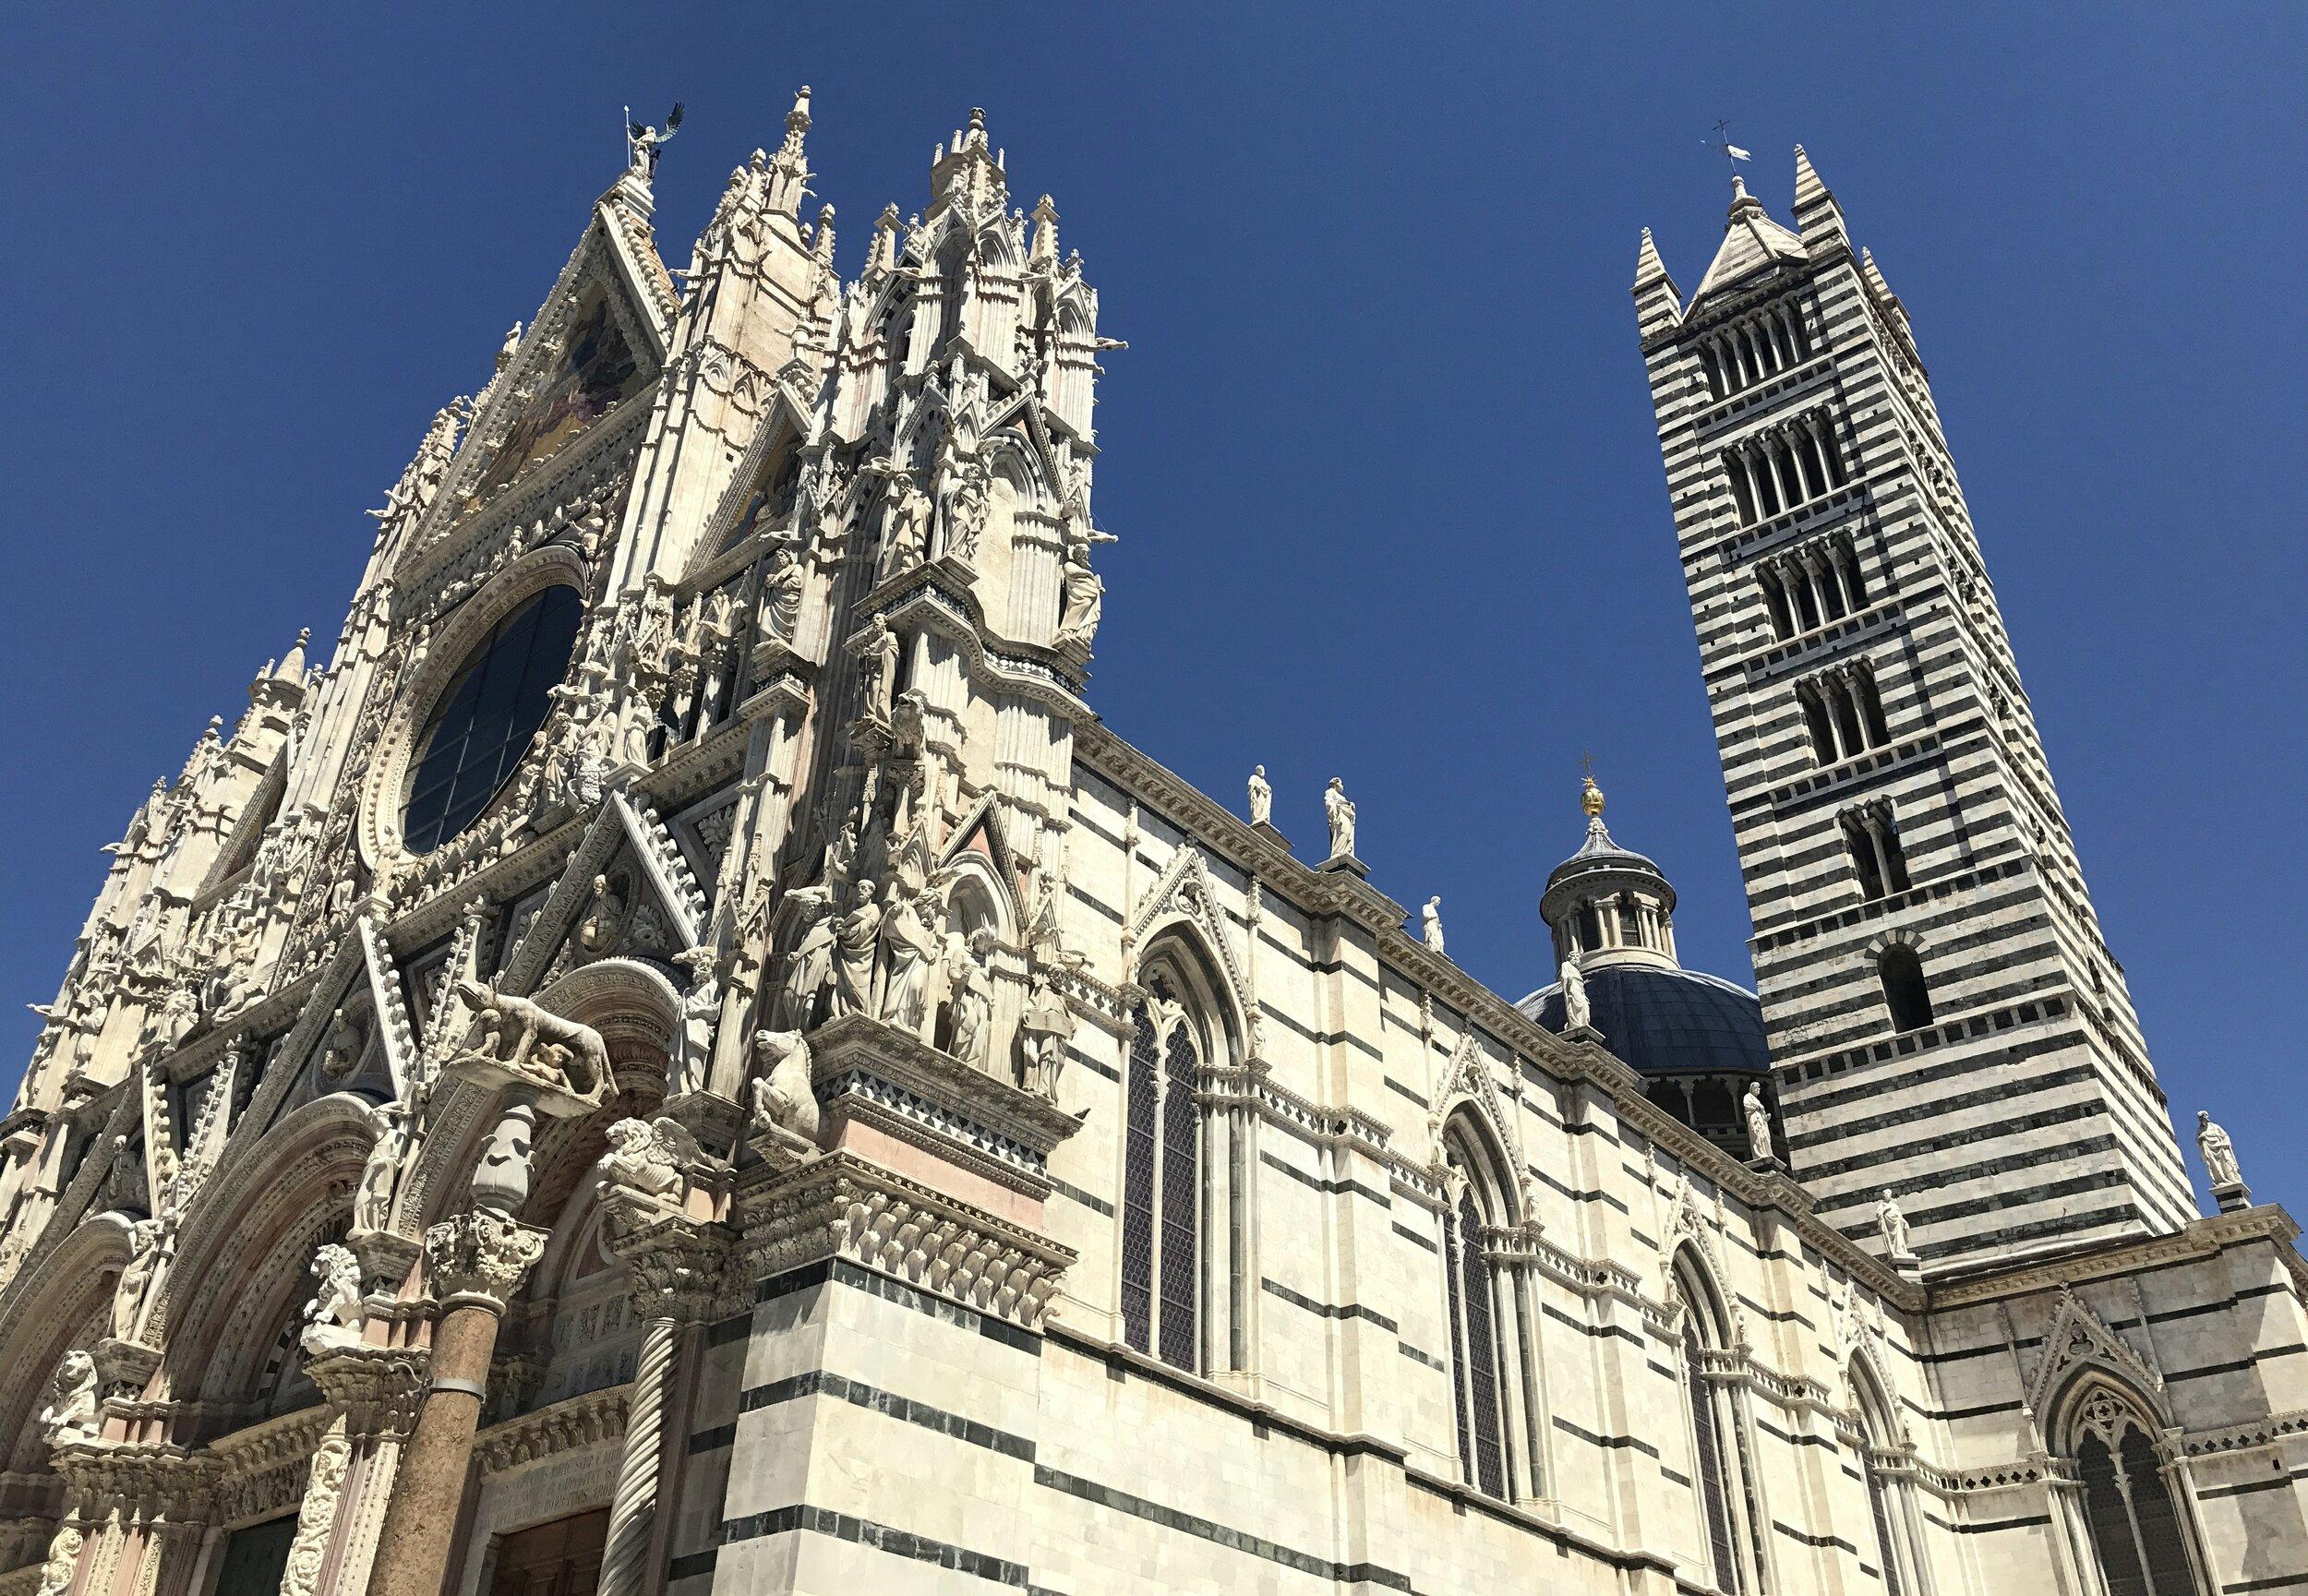 Siena Duomo, Siena